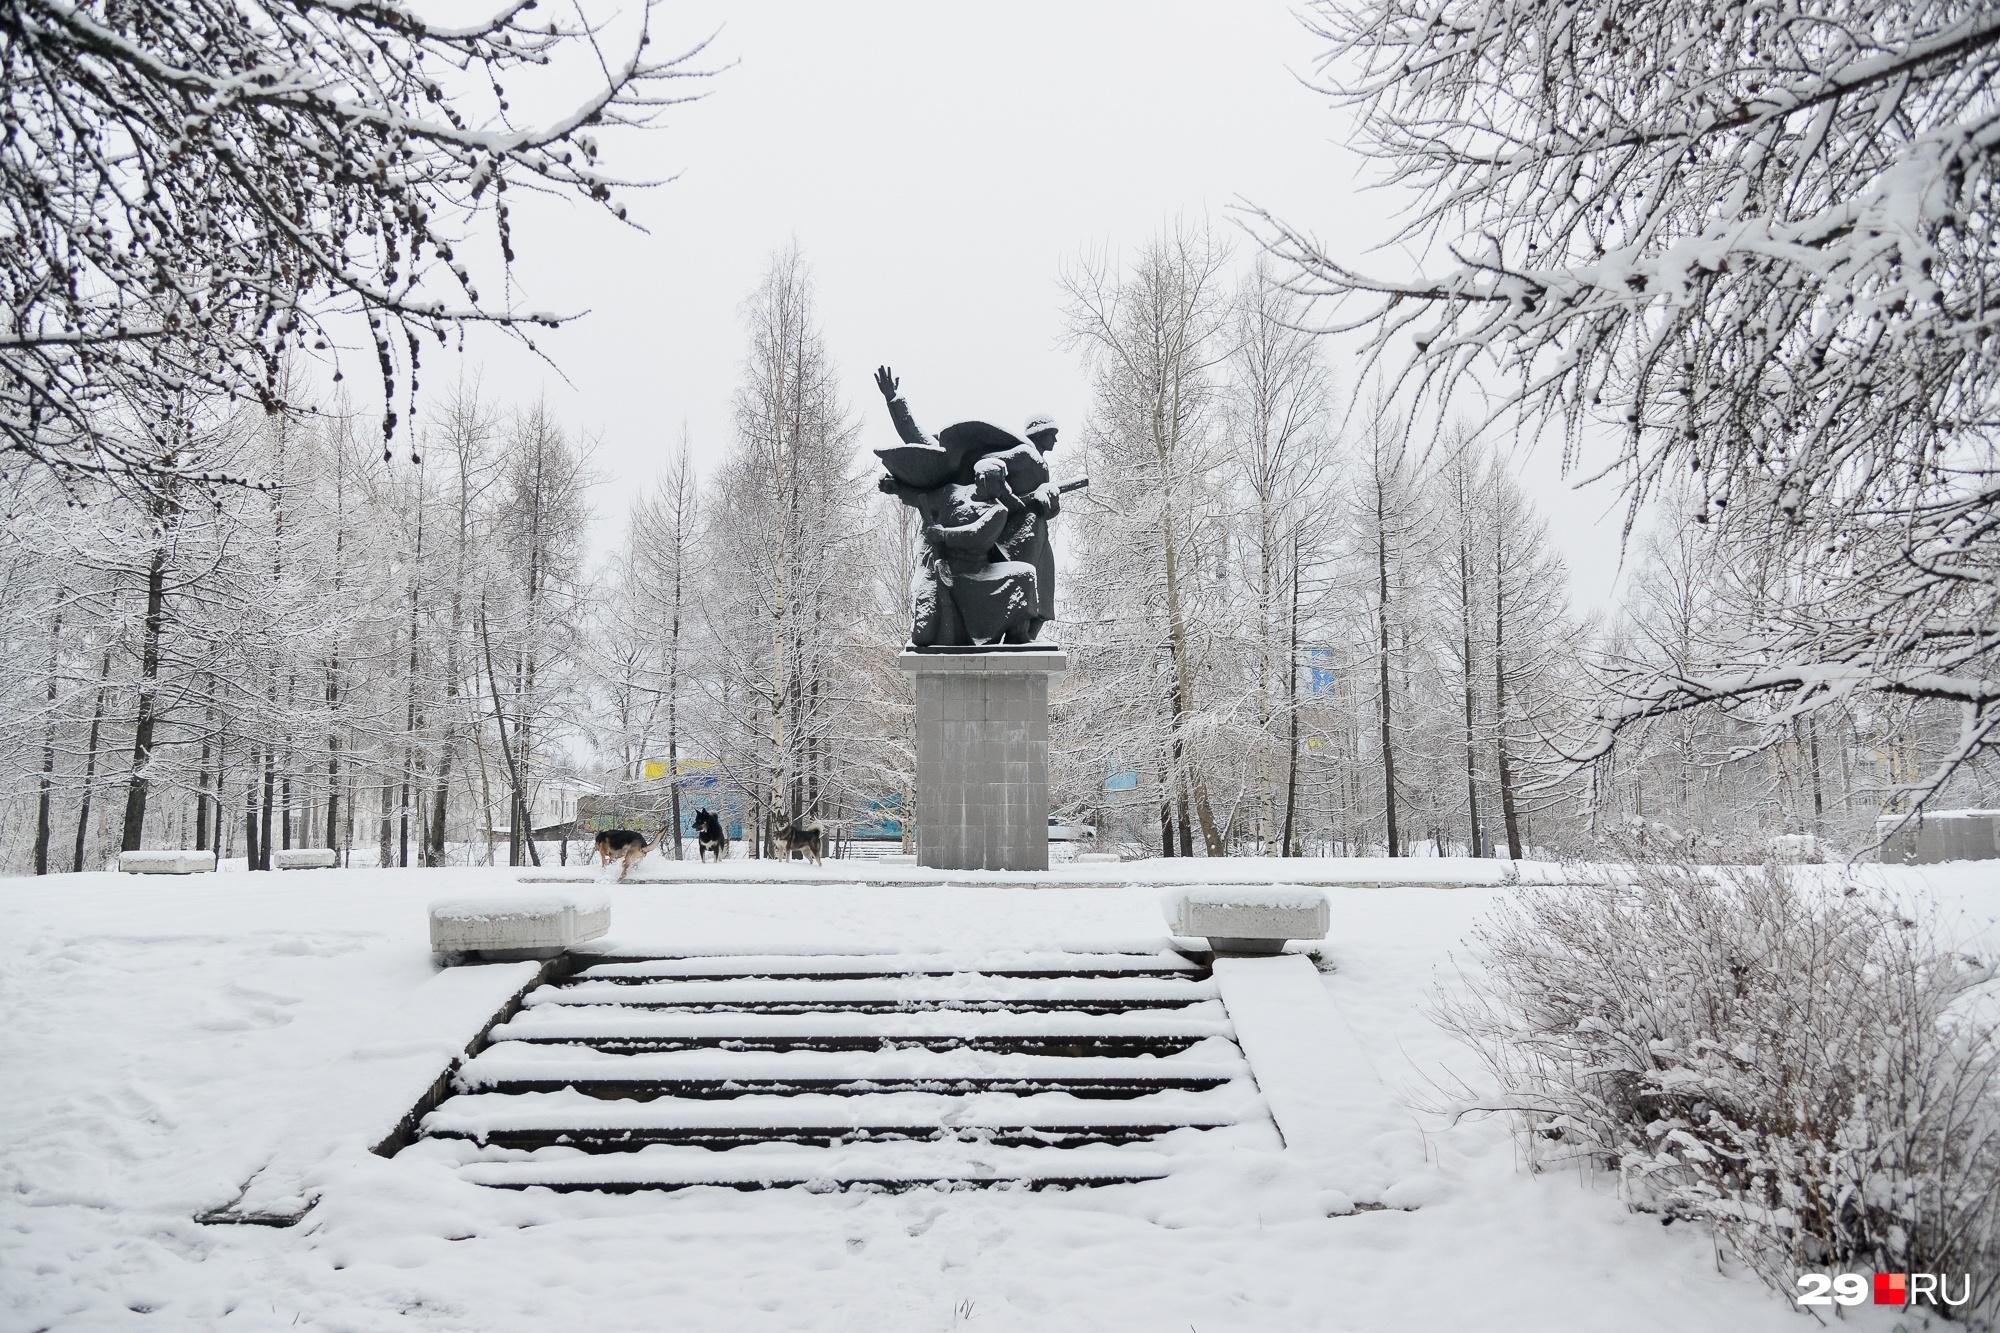 У мемориала мы встретили только резвящихся в снегу собак. А не помешало бы увидеть дворника с лопатой